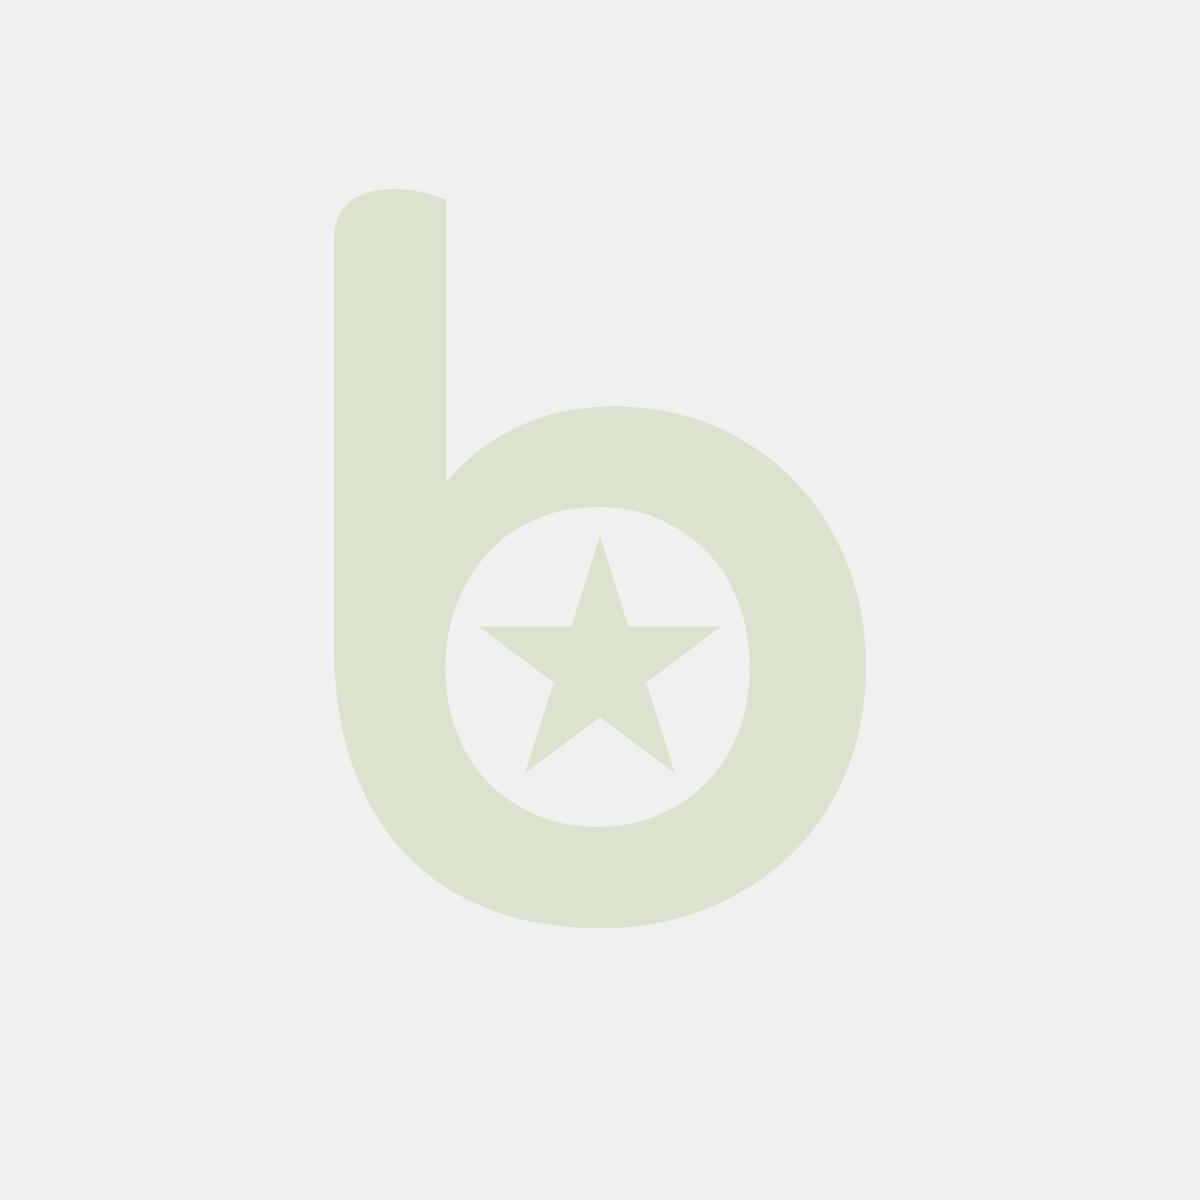 Pojemnik obiadowy do zgrzewu D9530R, dwudzielny COLT, czarny, żebrowany, 227x178x50, cena za opakowanie 80 szt